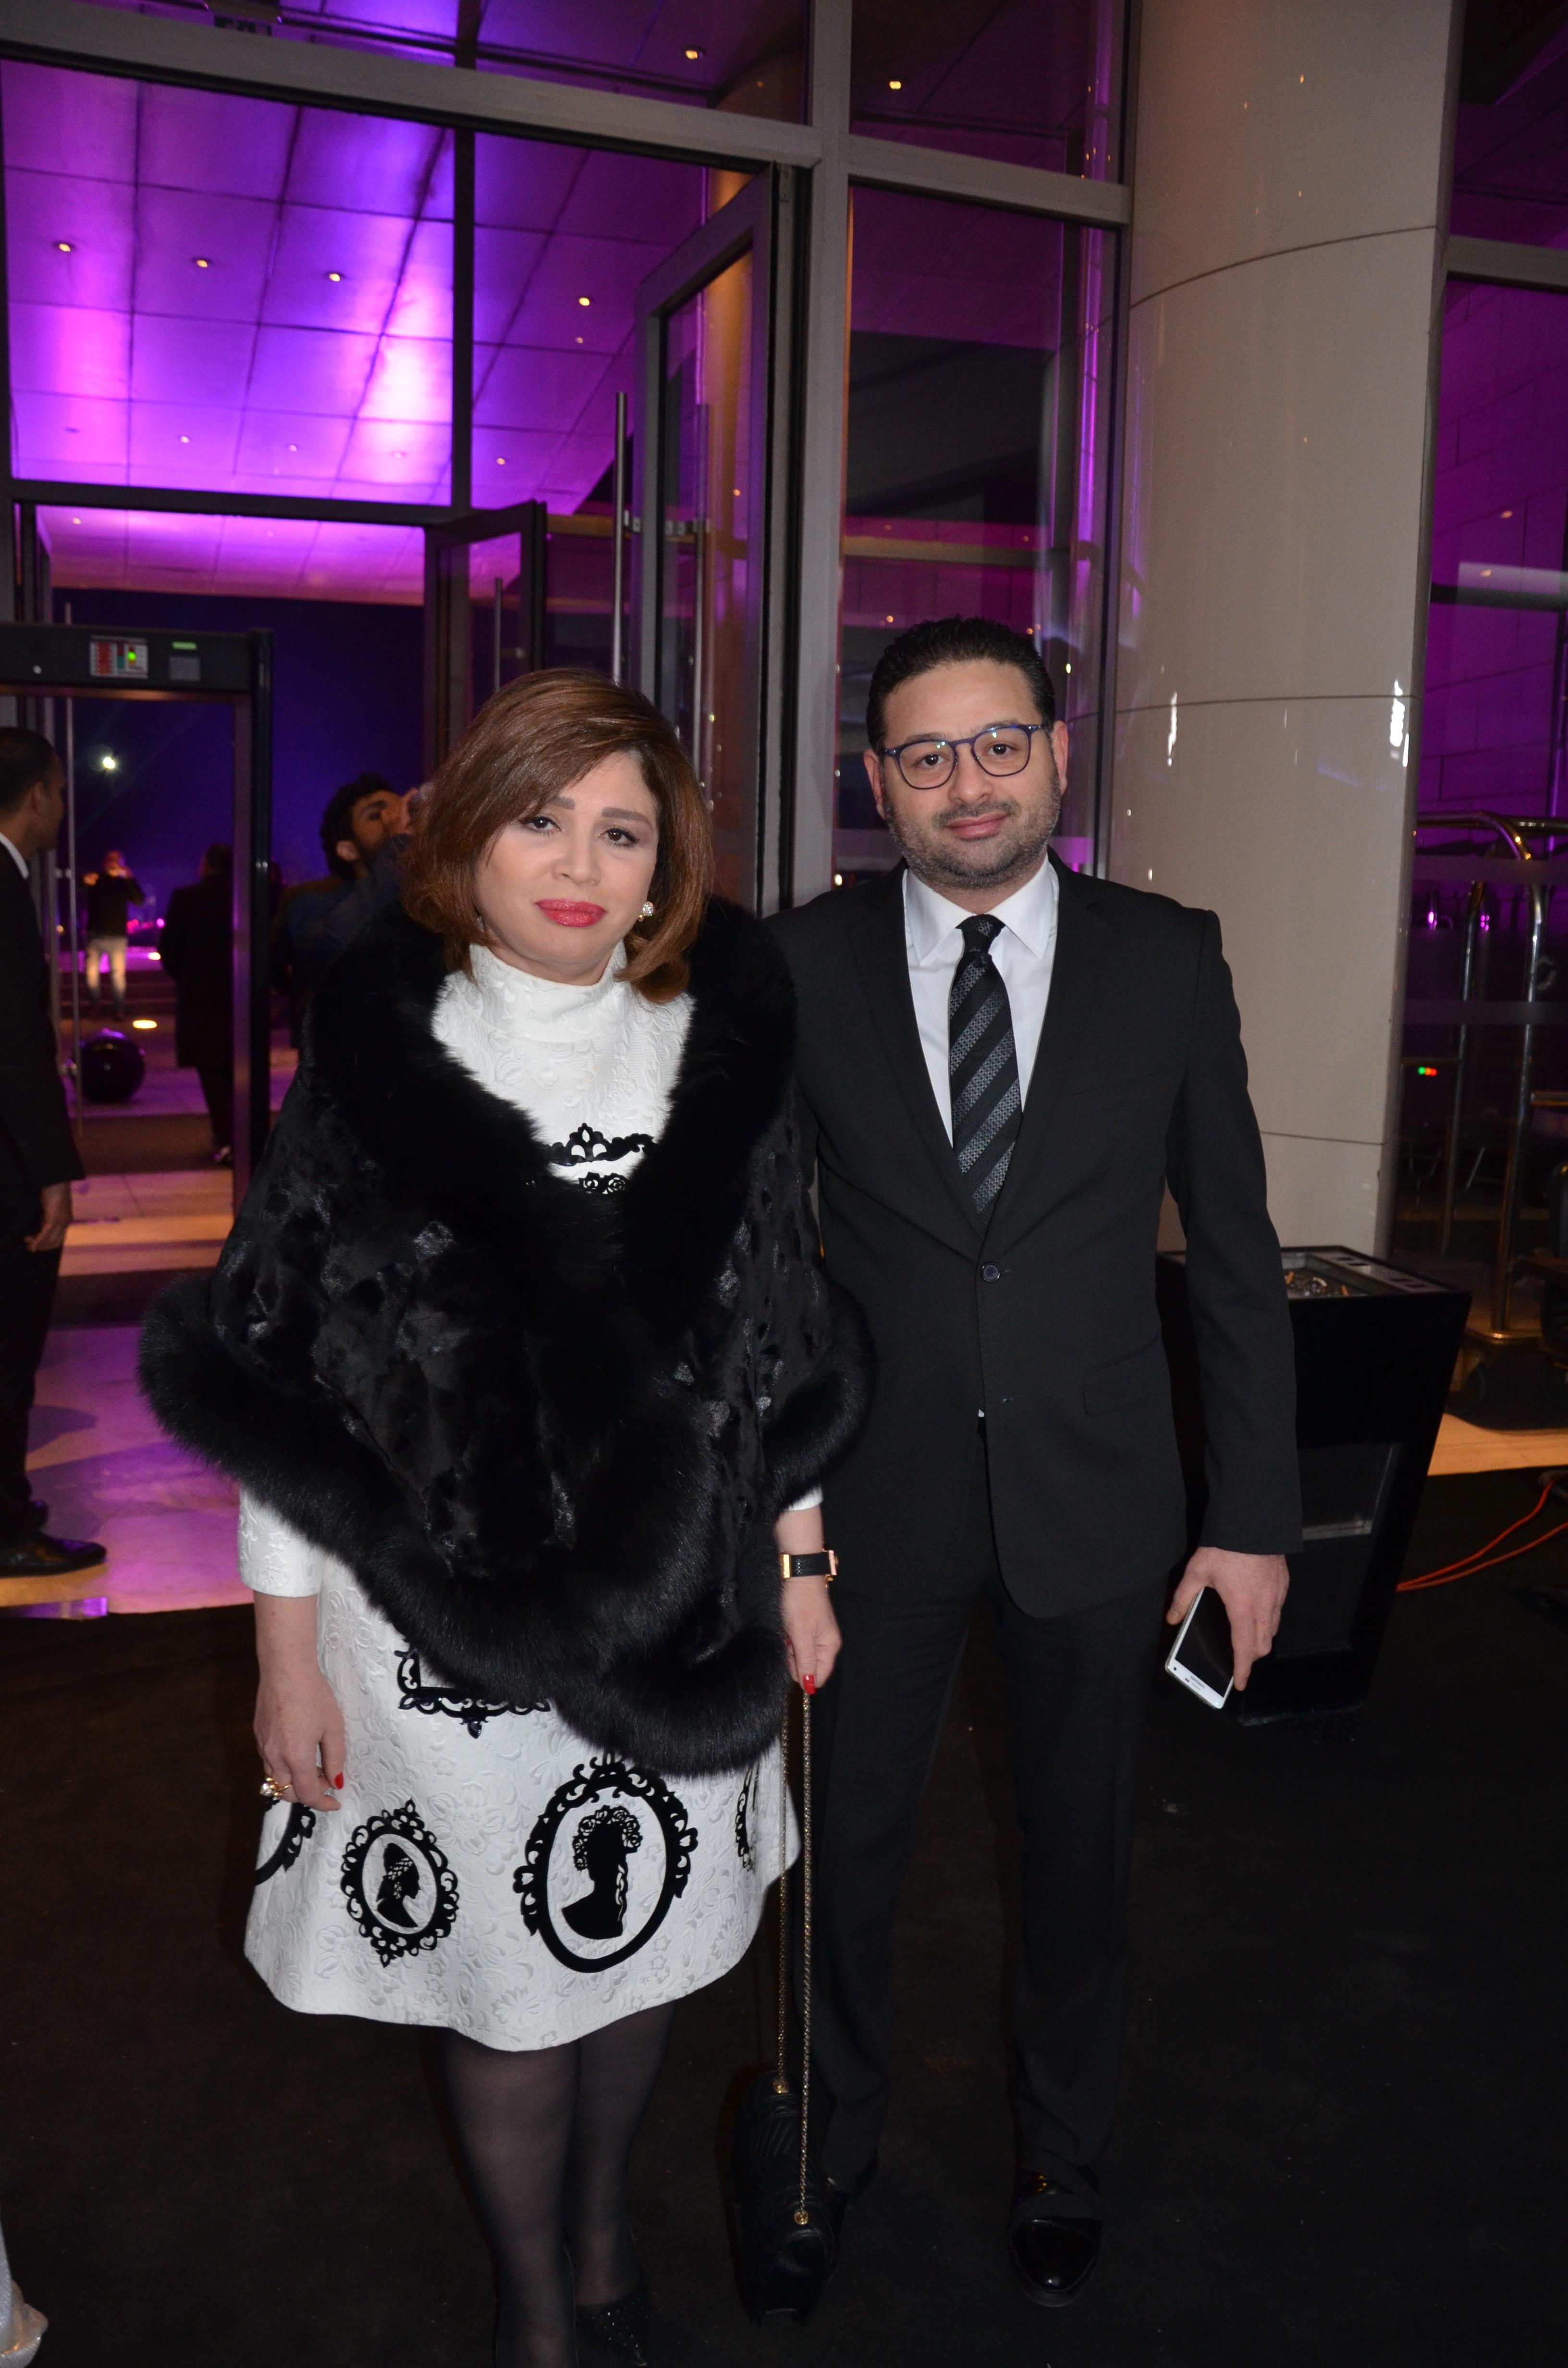 Elham Shaheen and her brother, Amir Shaheen